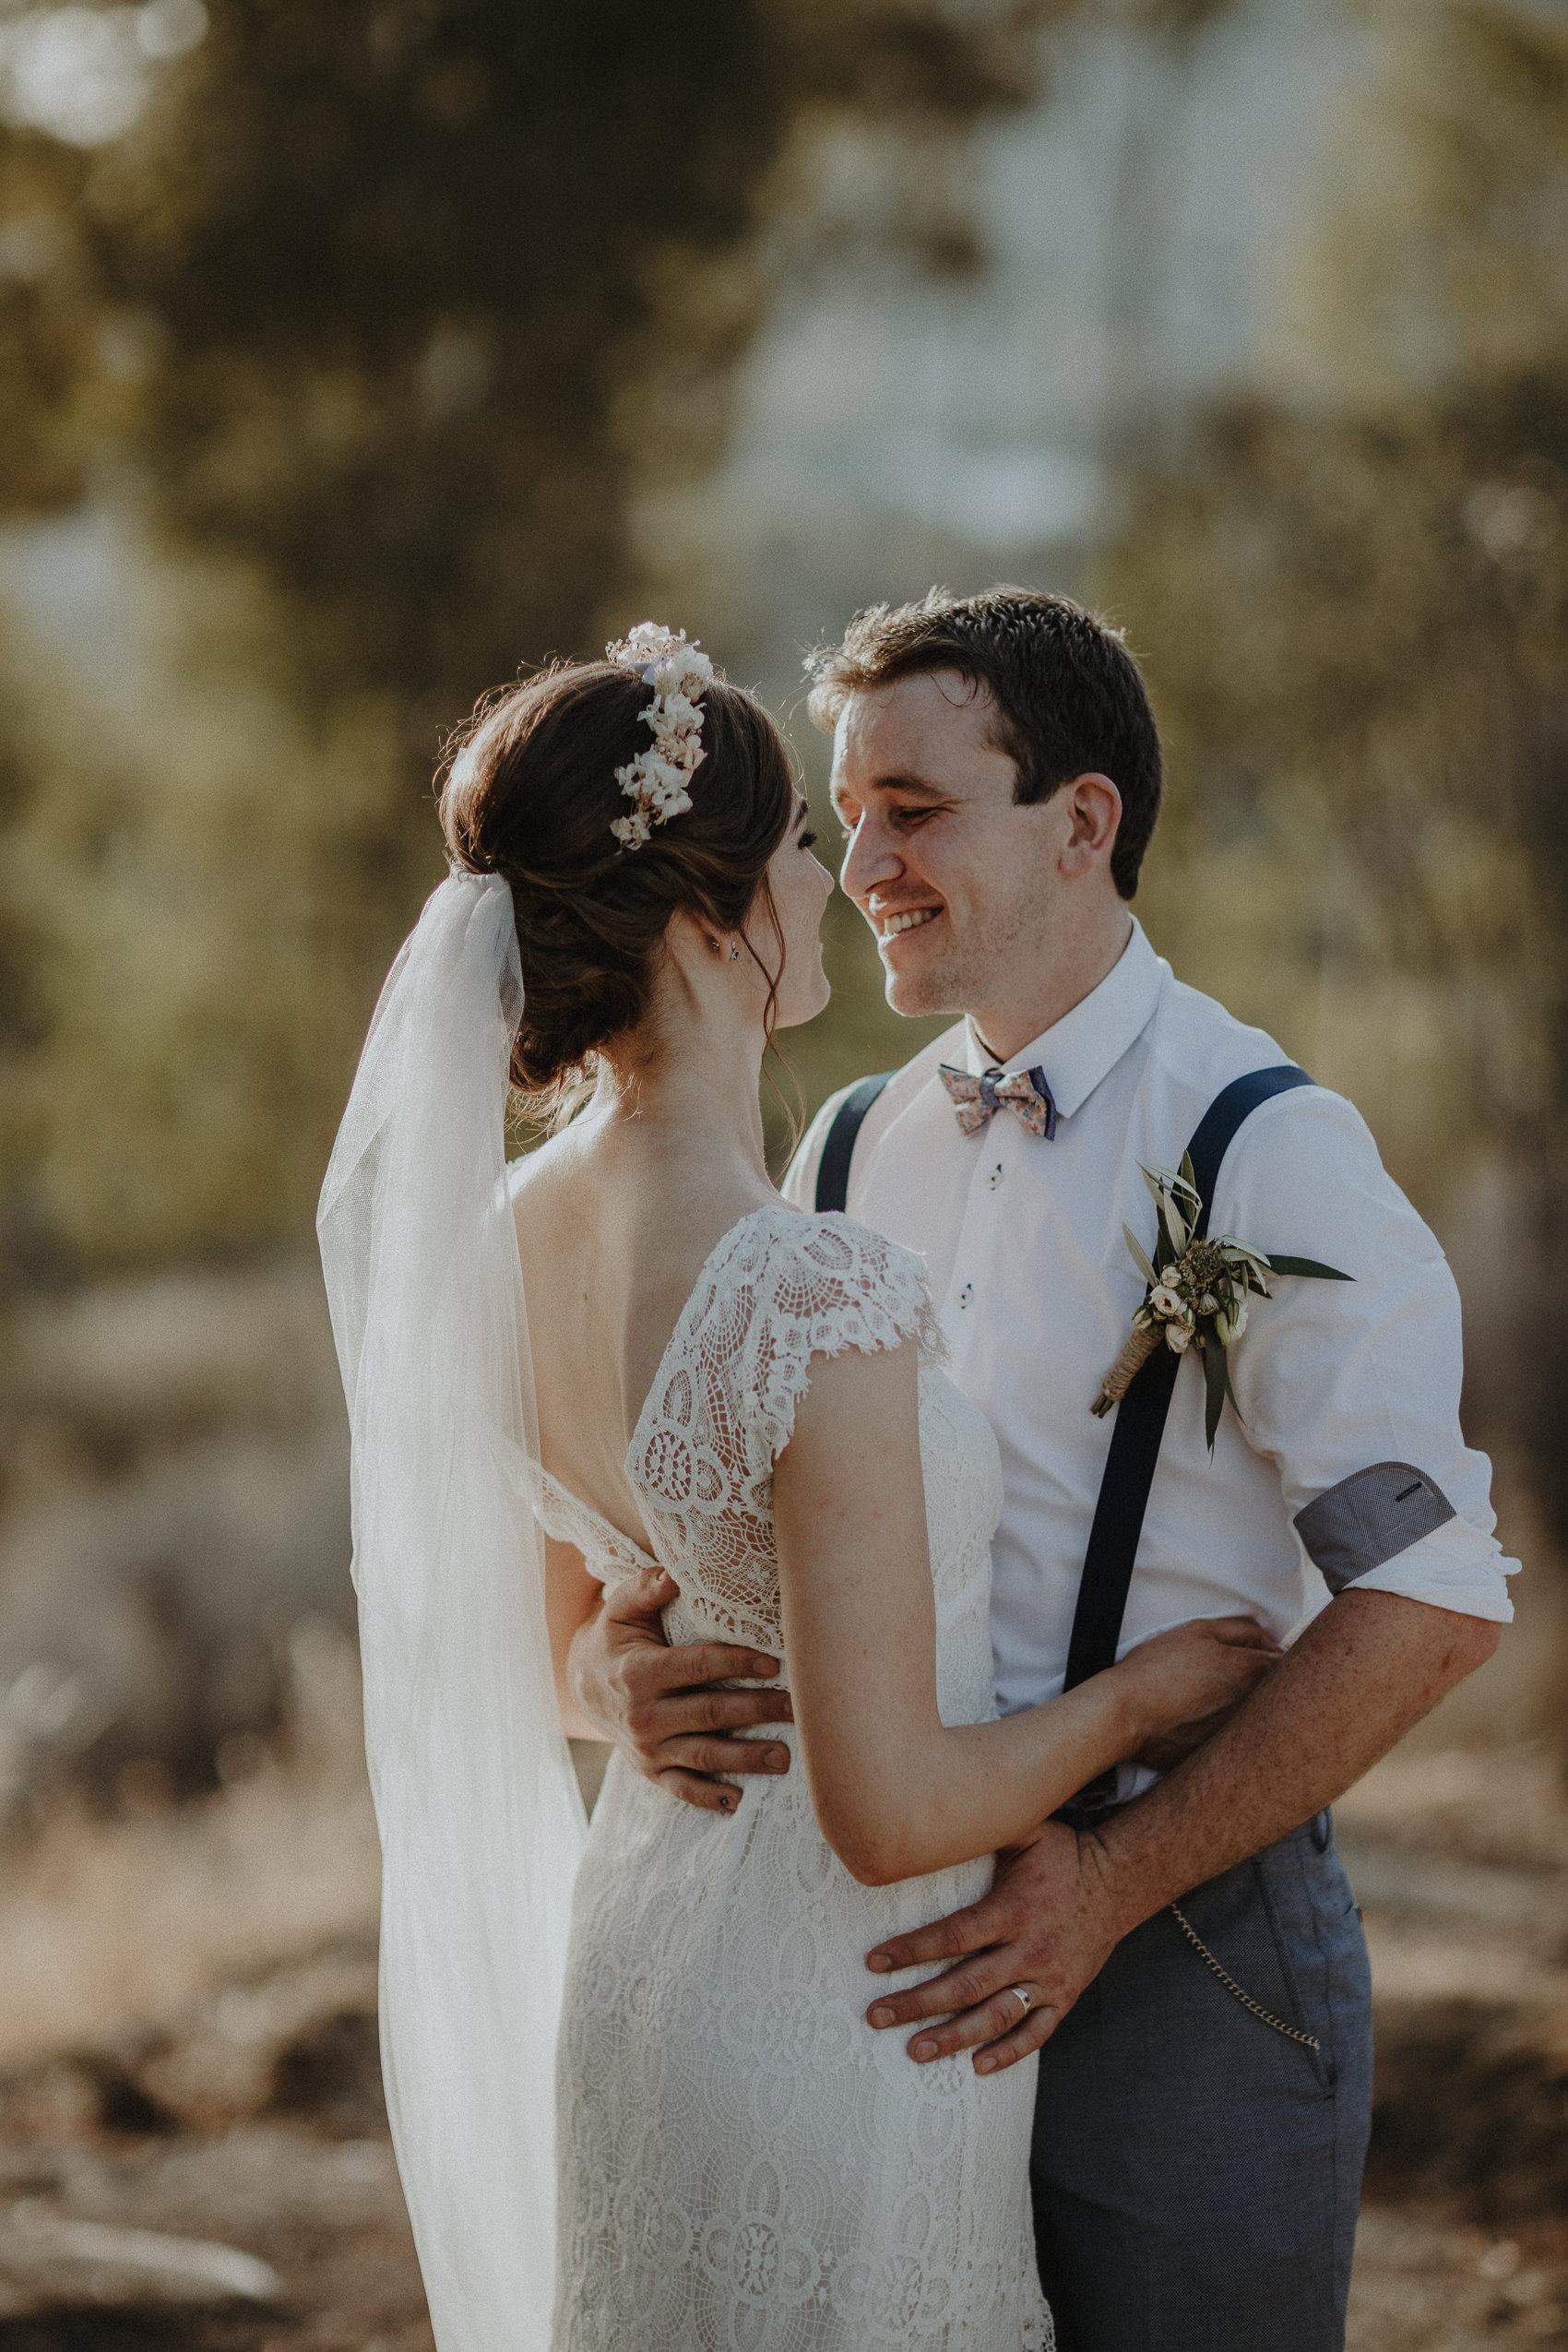 Sarah & Bill | Summer wedding at Cortijo Rosa Blanca | Marbella - Spain 126